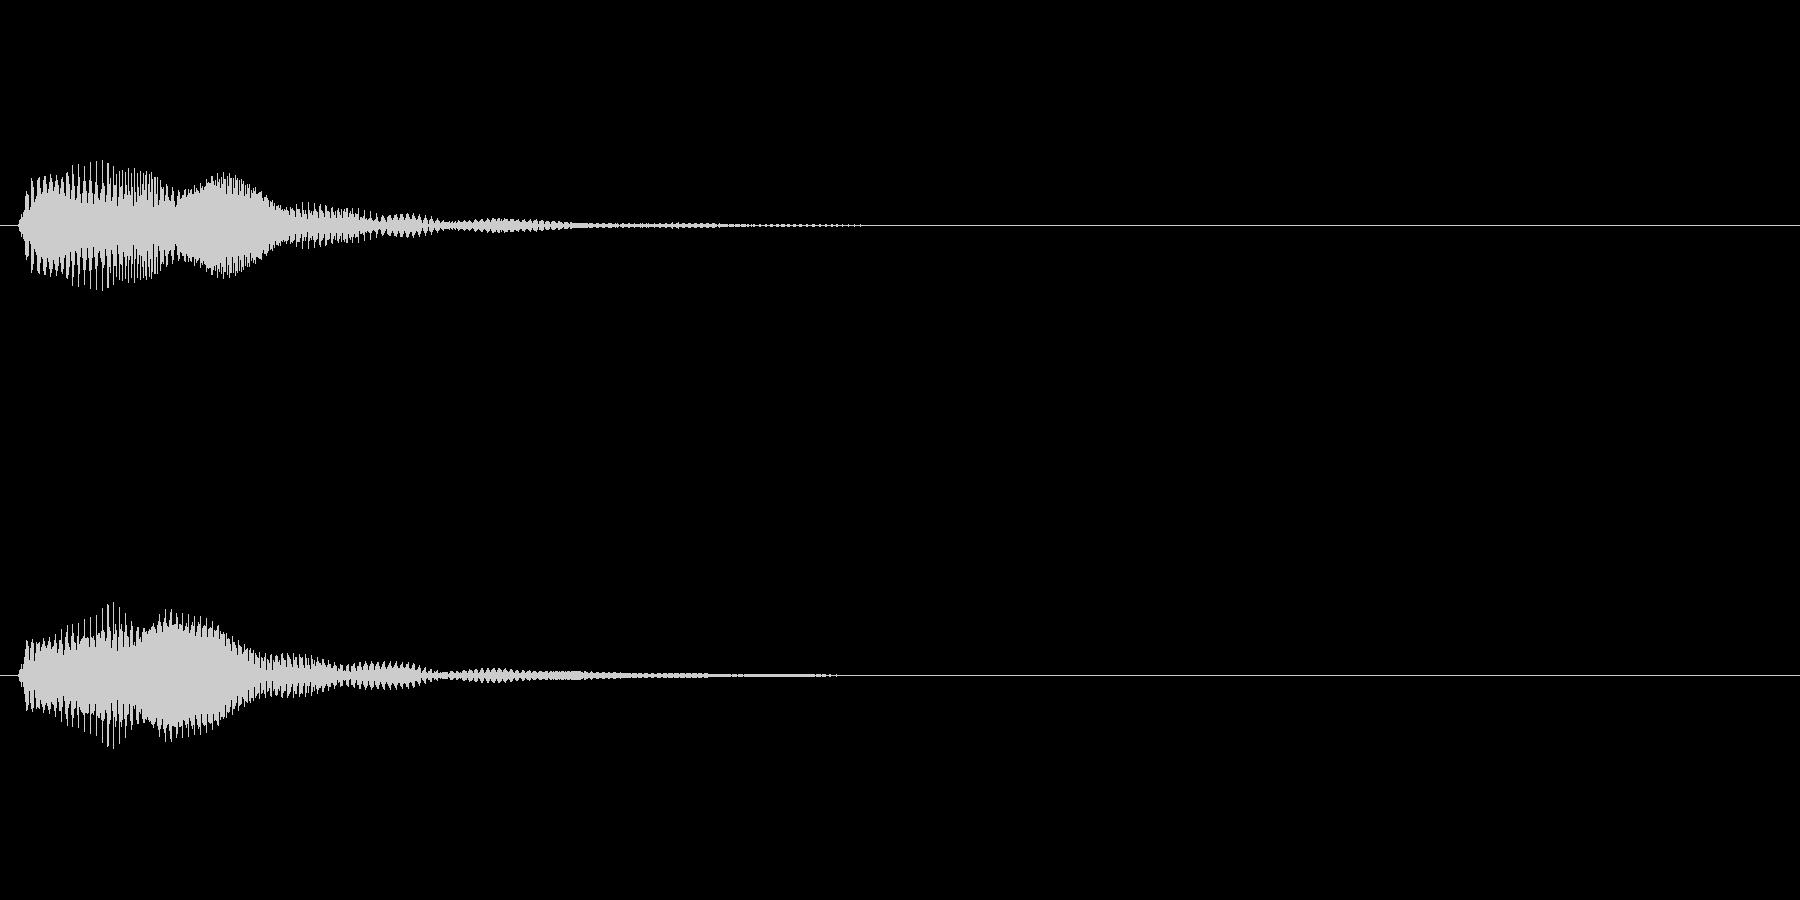 ひんやりした残響が印象的な操作/タップ音の未再生の波形